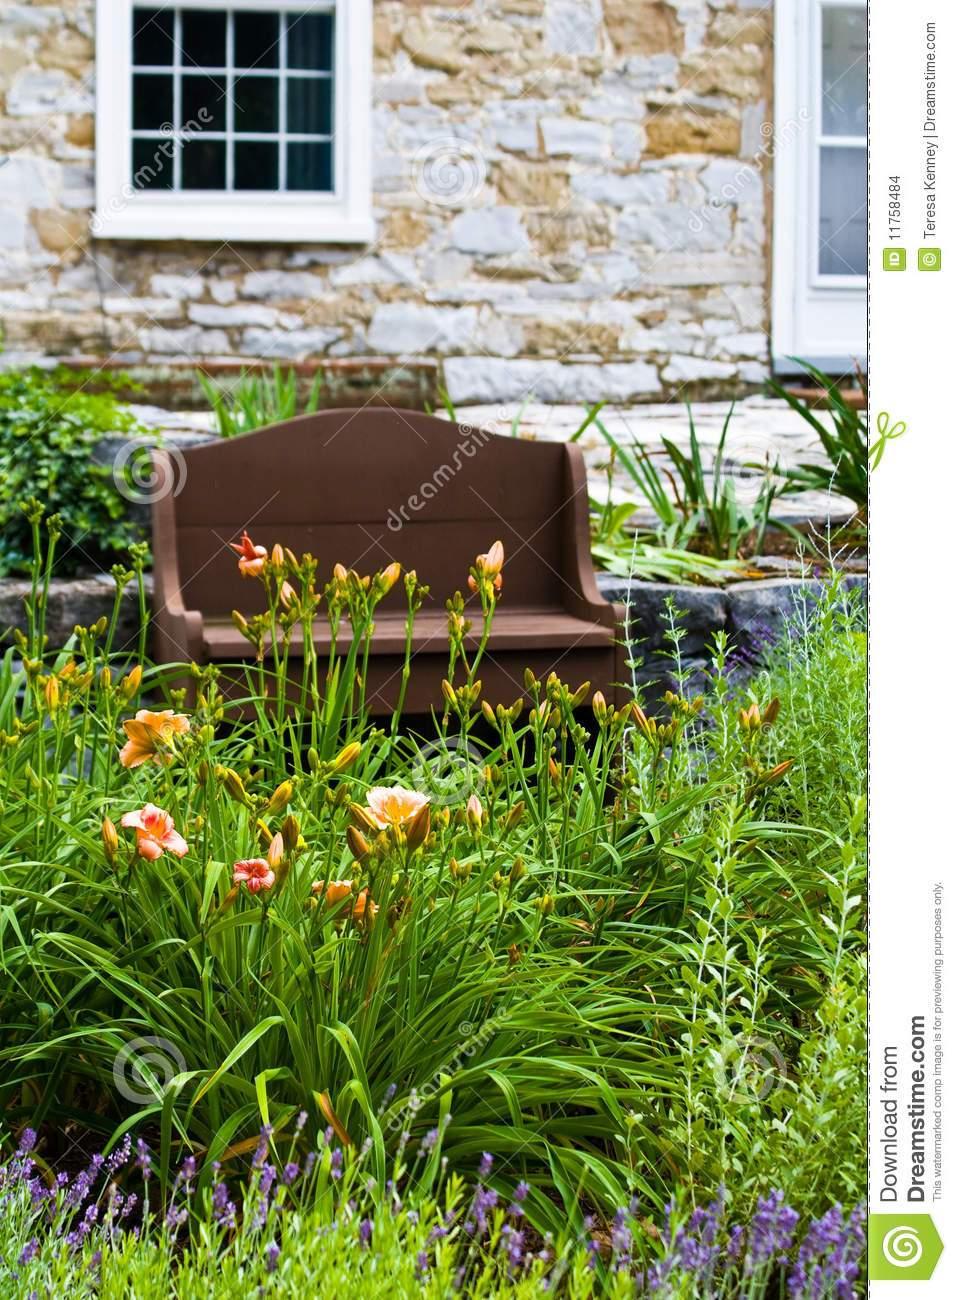 Schöne Gärten Elegant Schöne Gärten Stockfoto Bild Von Reizend Gärten Lilie